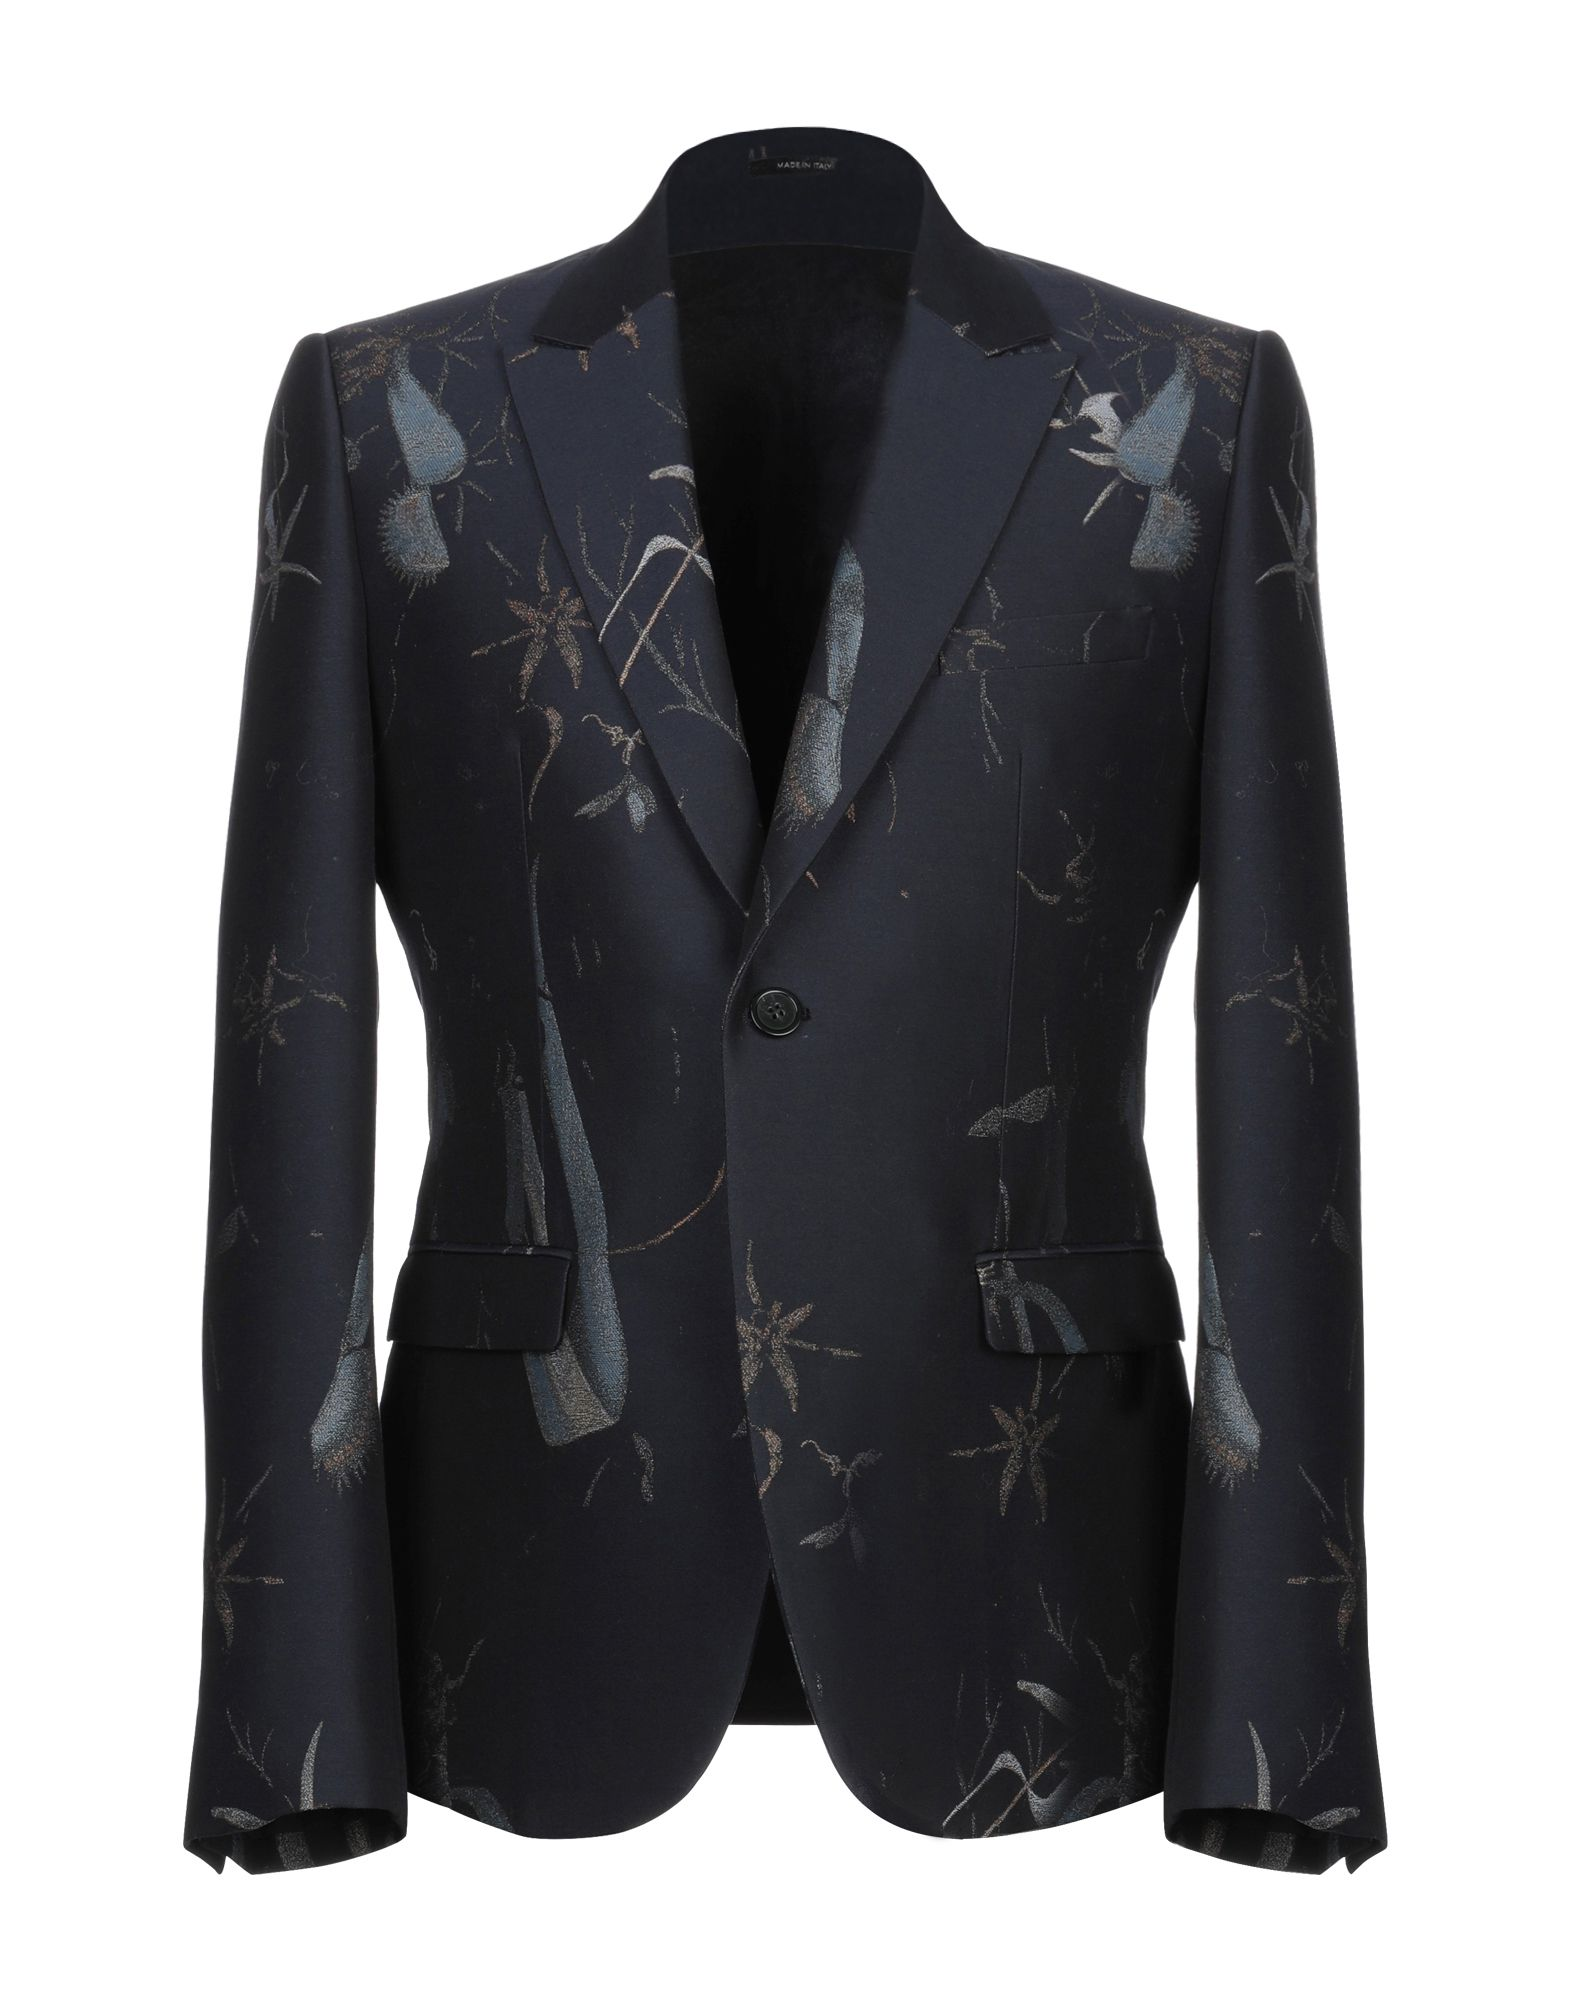 b852d6aa624c3 Buy coats & jackets for men - Best men's coats & jackets shop ...